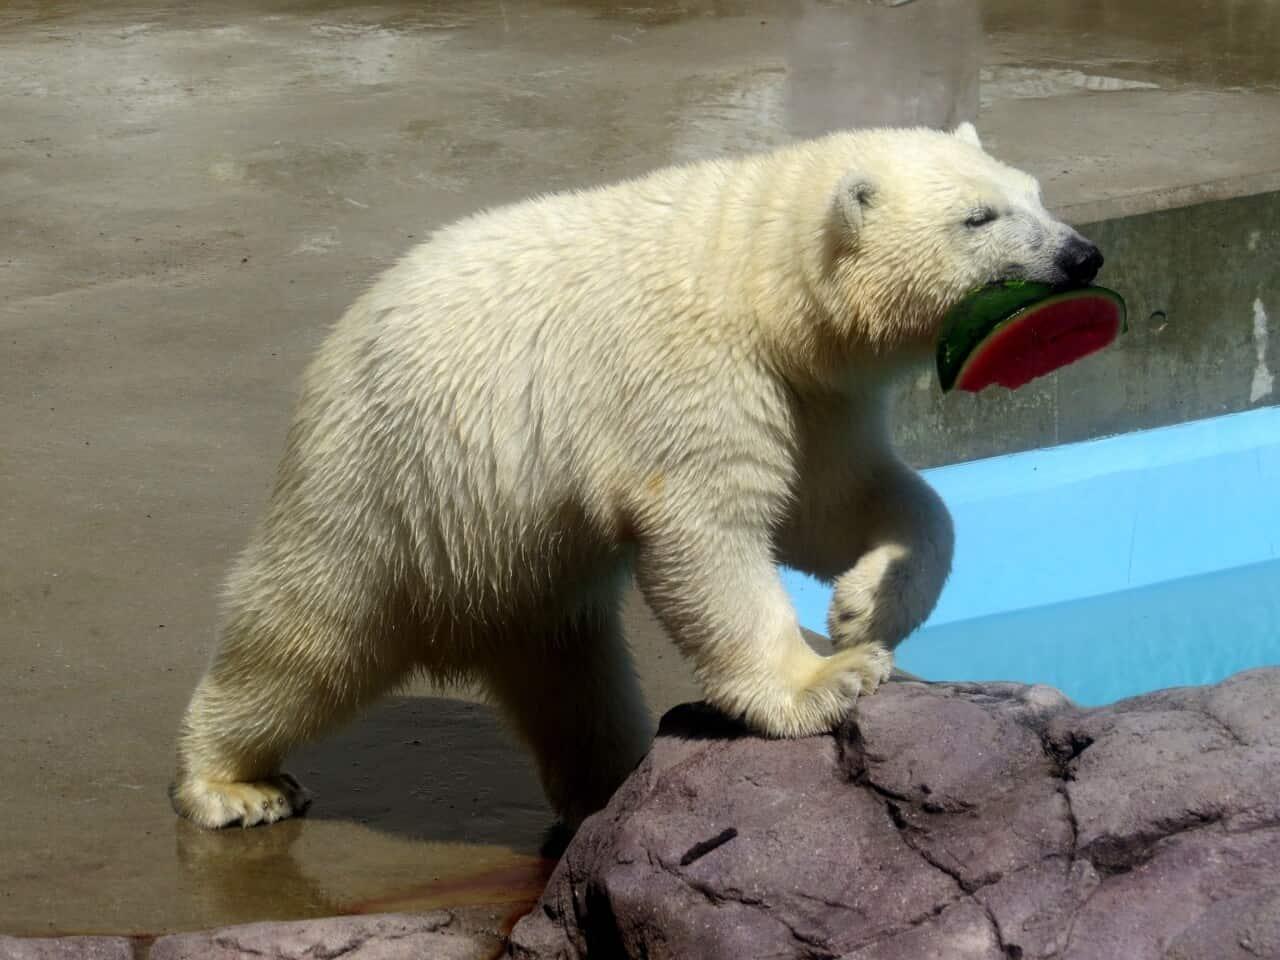 เที่ยว พิพิธภัณฑ์สัตว์น้ำโองะ (Oga Aquarium GAO)